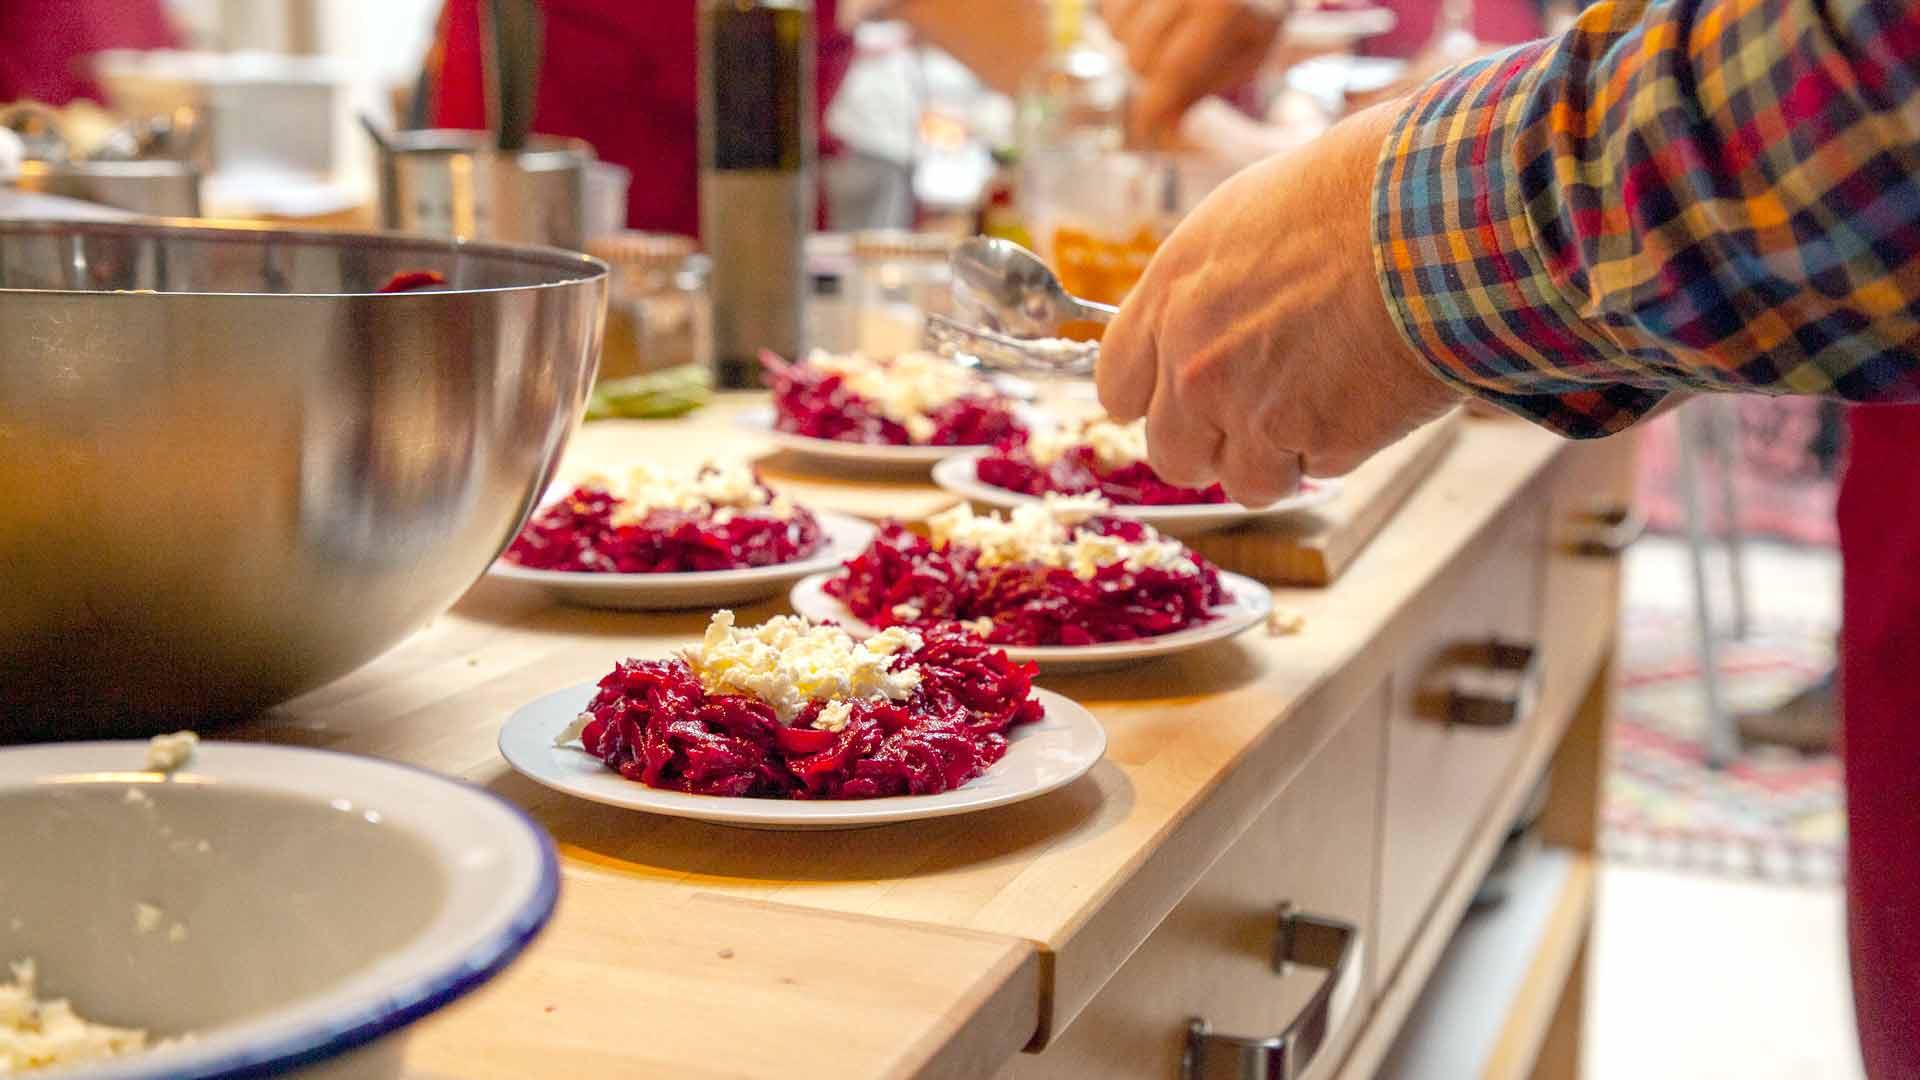 türkische Kochkurse in Düsseldorf